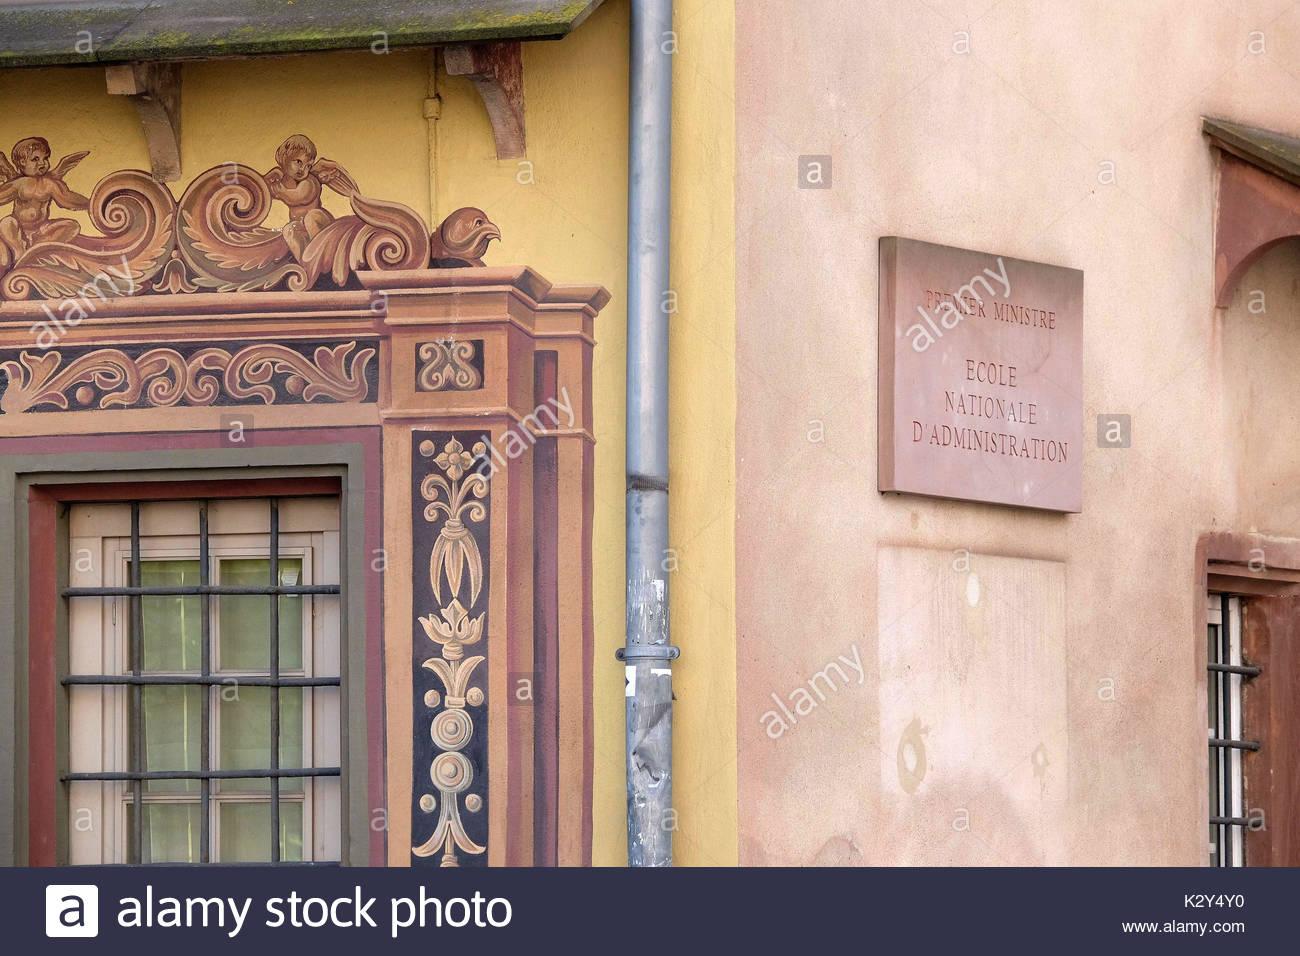 France, Alsace, Bas-Rhin, Strasbourg, l'entree de l'Ecole Nationale d'Administration, ena cree par Charle de Gaulle en 1945 pour democratiser l'acces a la haute fonction publique de l'Etat *** Entrance of the Ecole Nationale d'Administration (National school of Administration), Strasbourg, Alsace, France - Stock Image